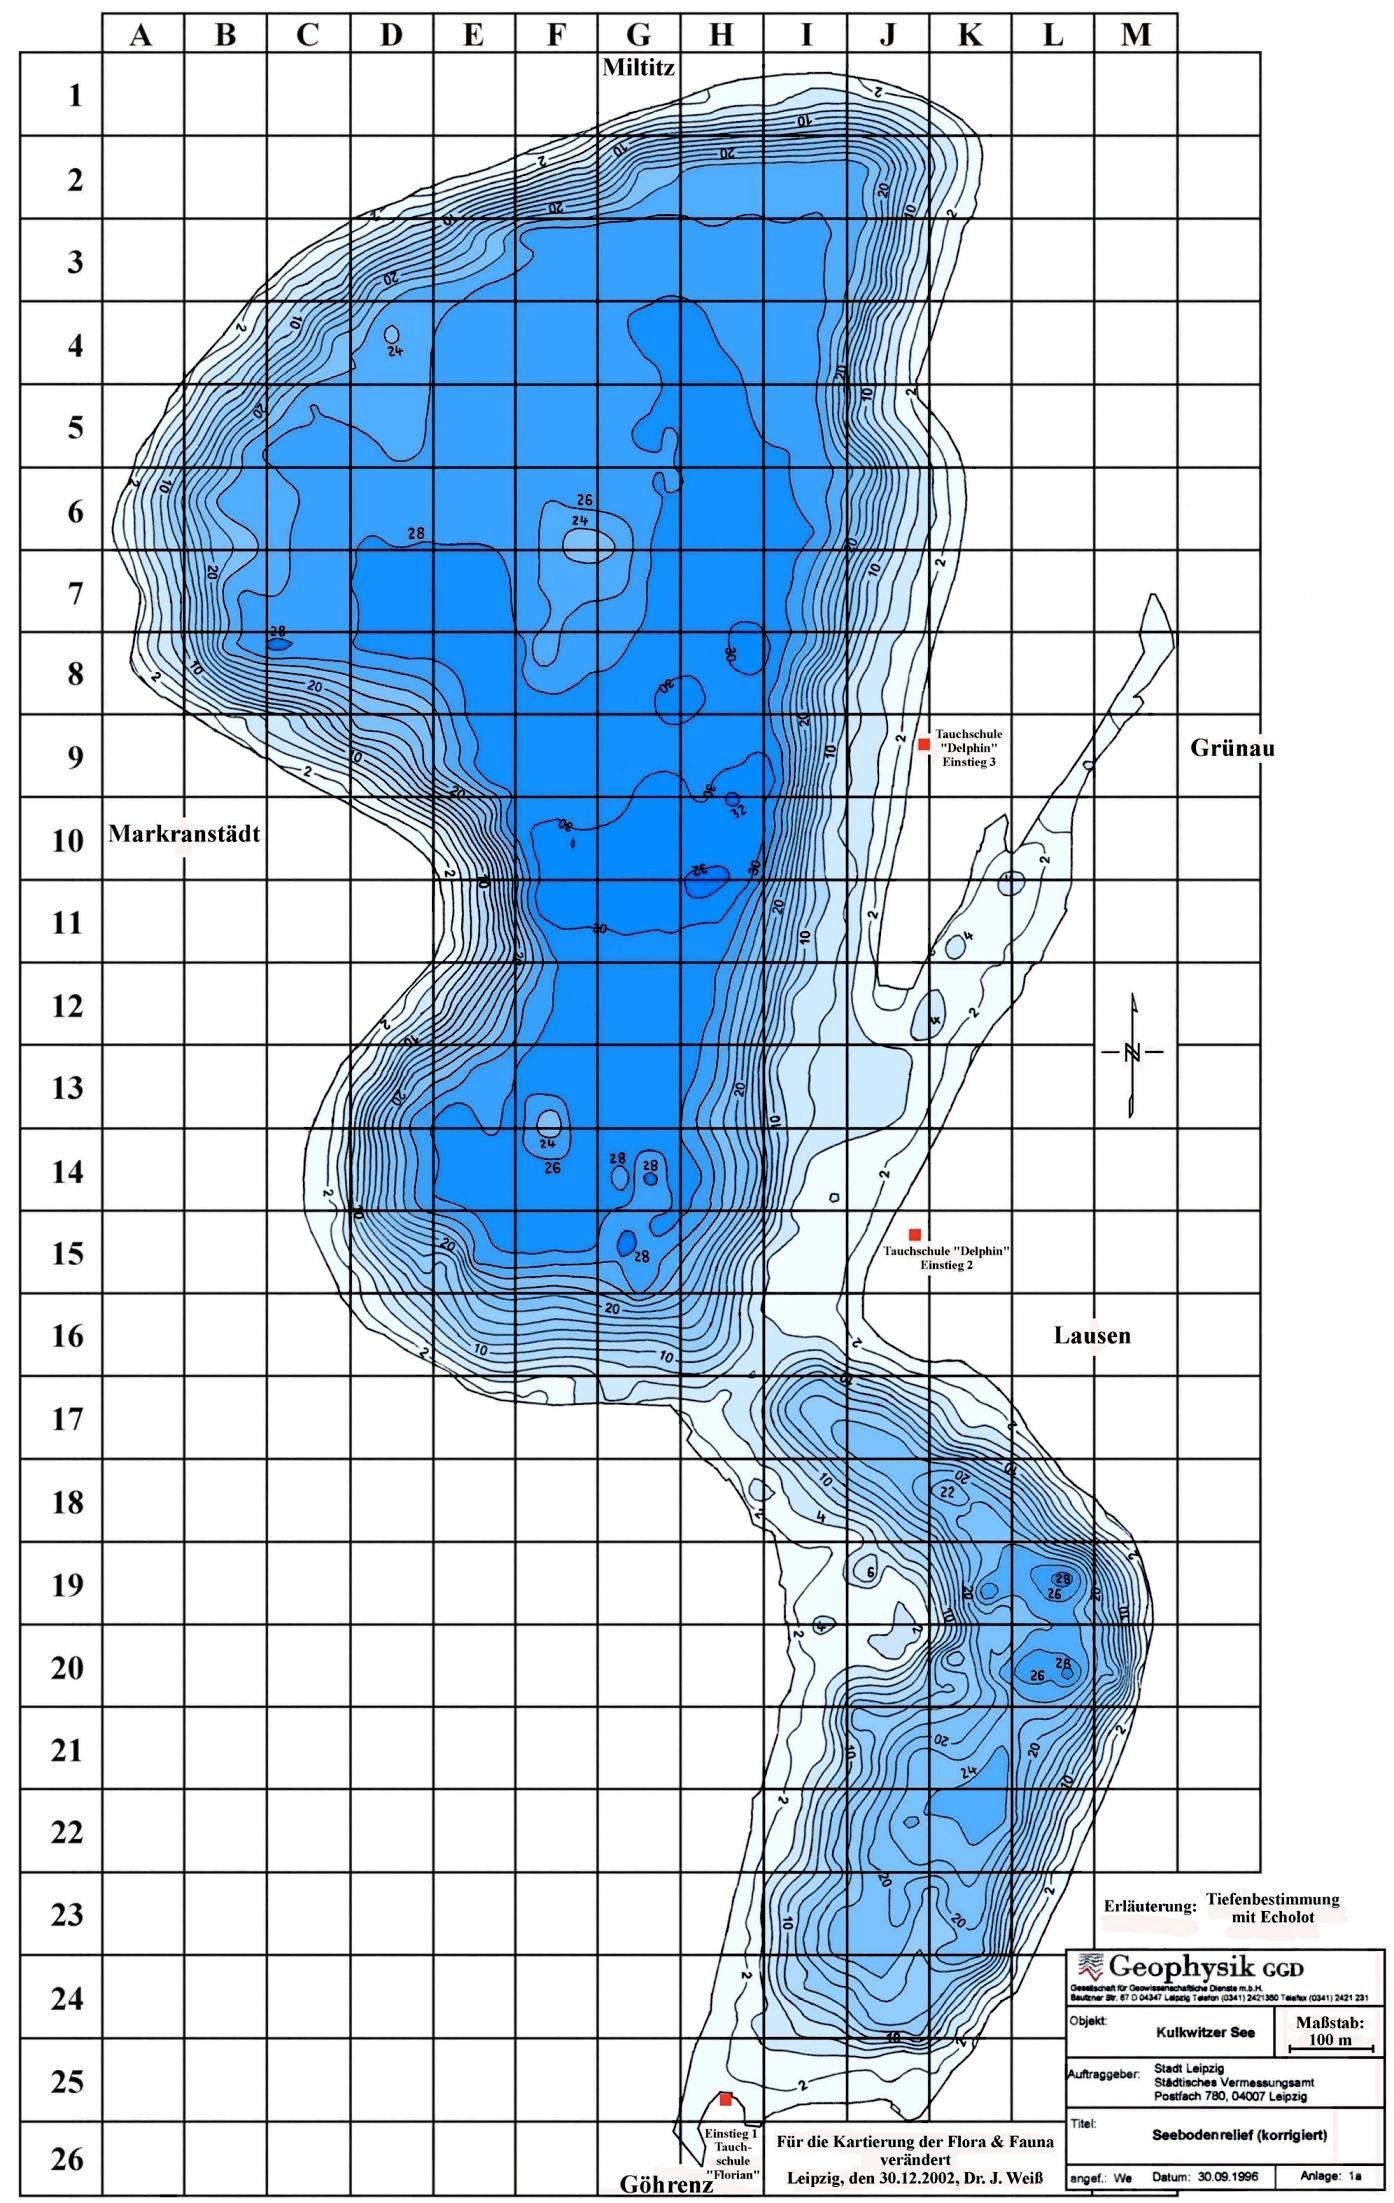 Wassertemperatur Kulkwitzer See